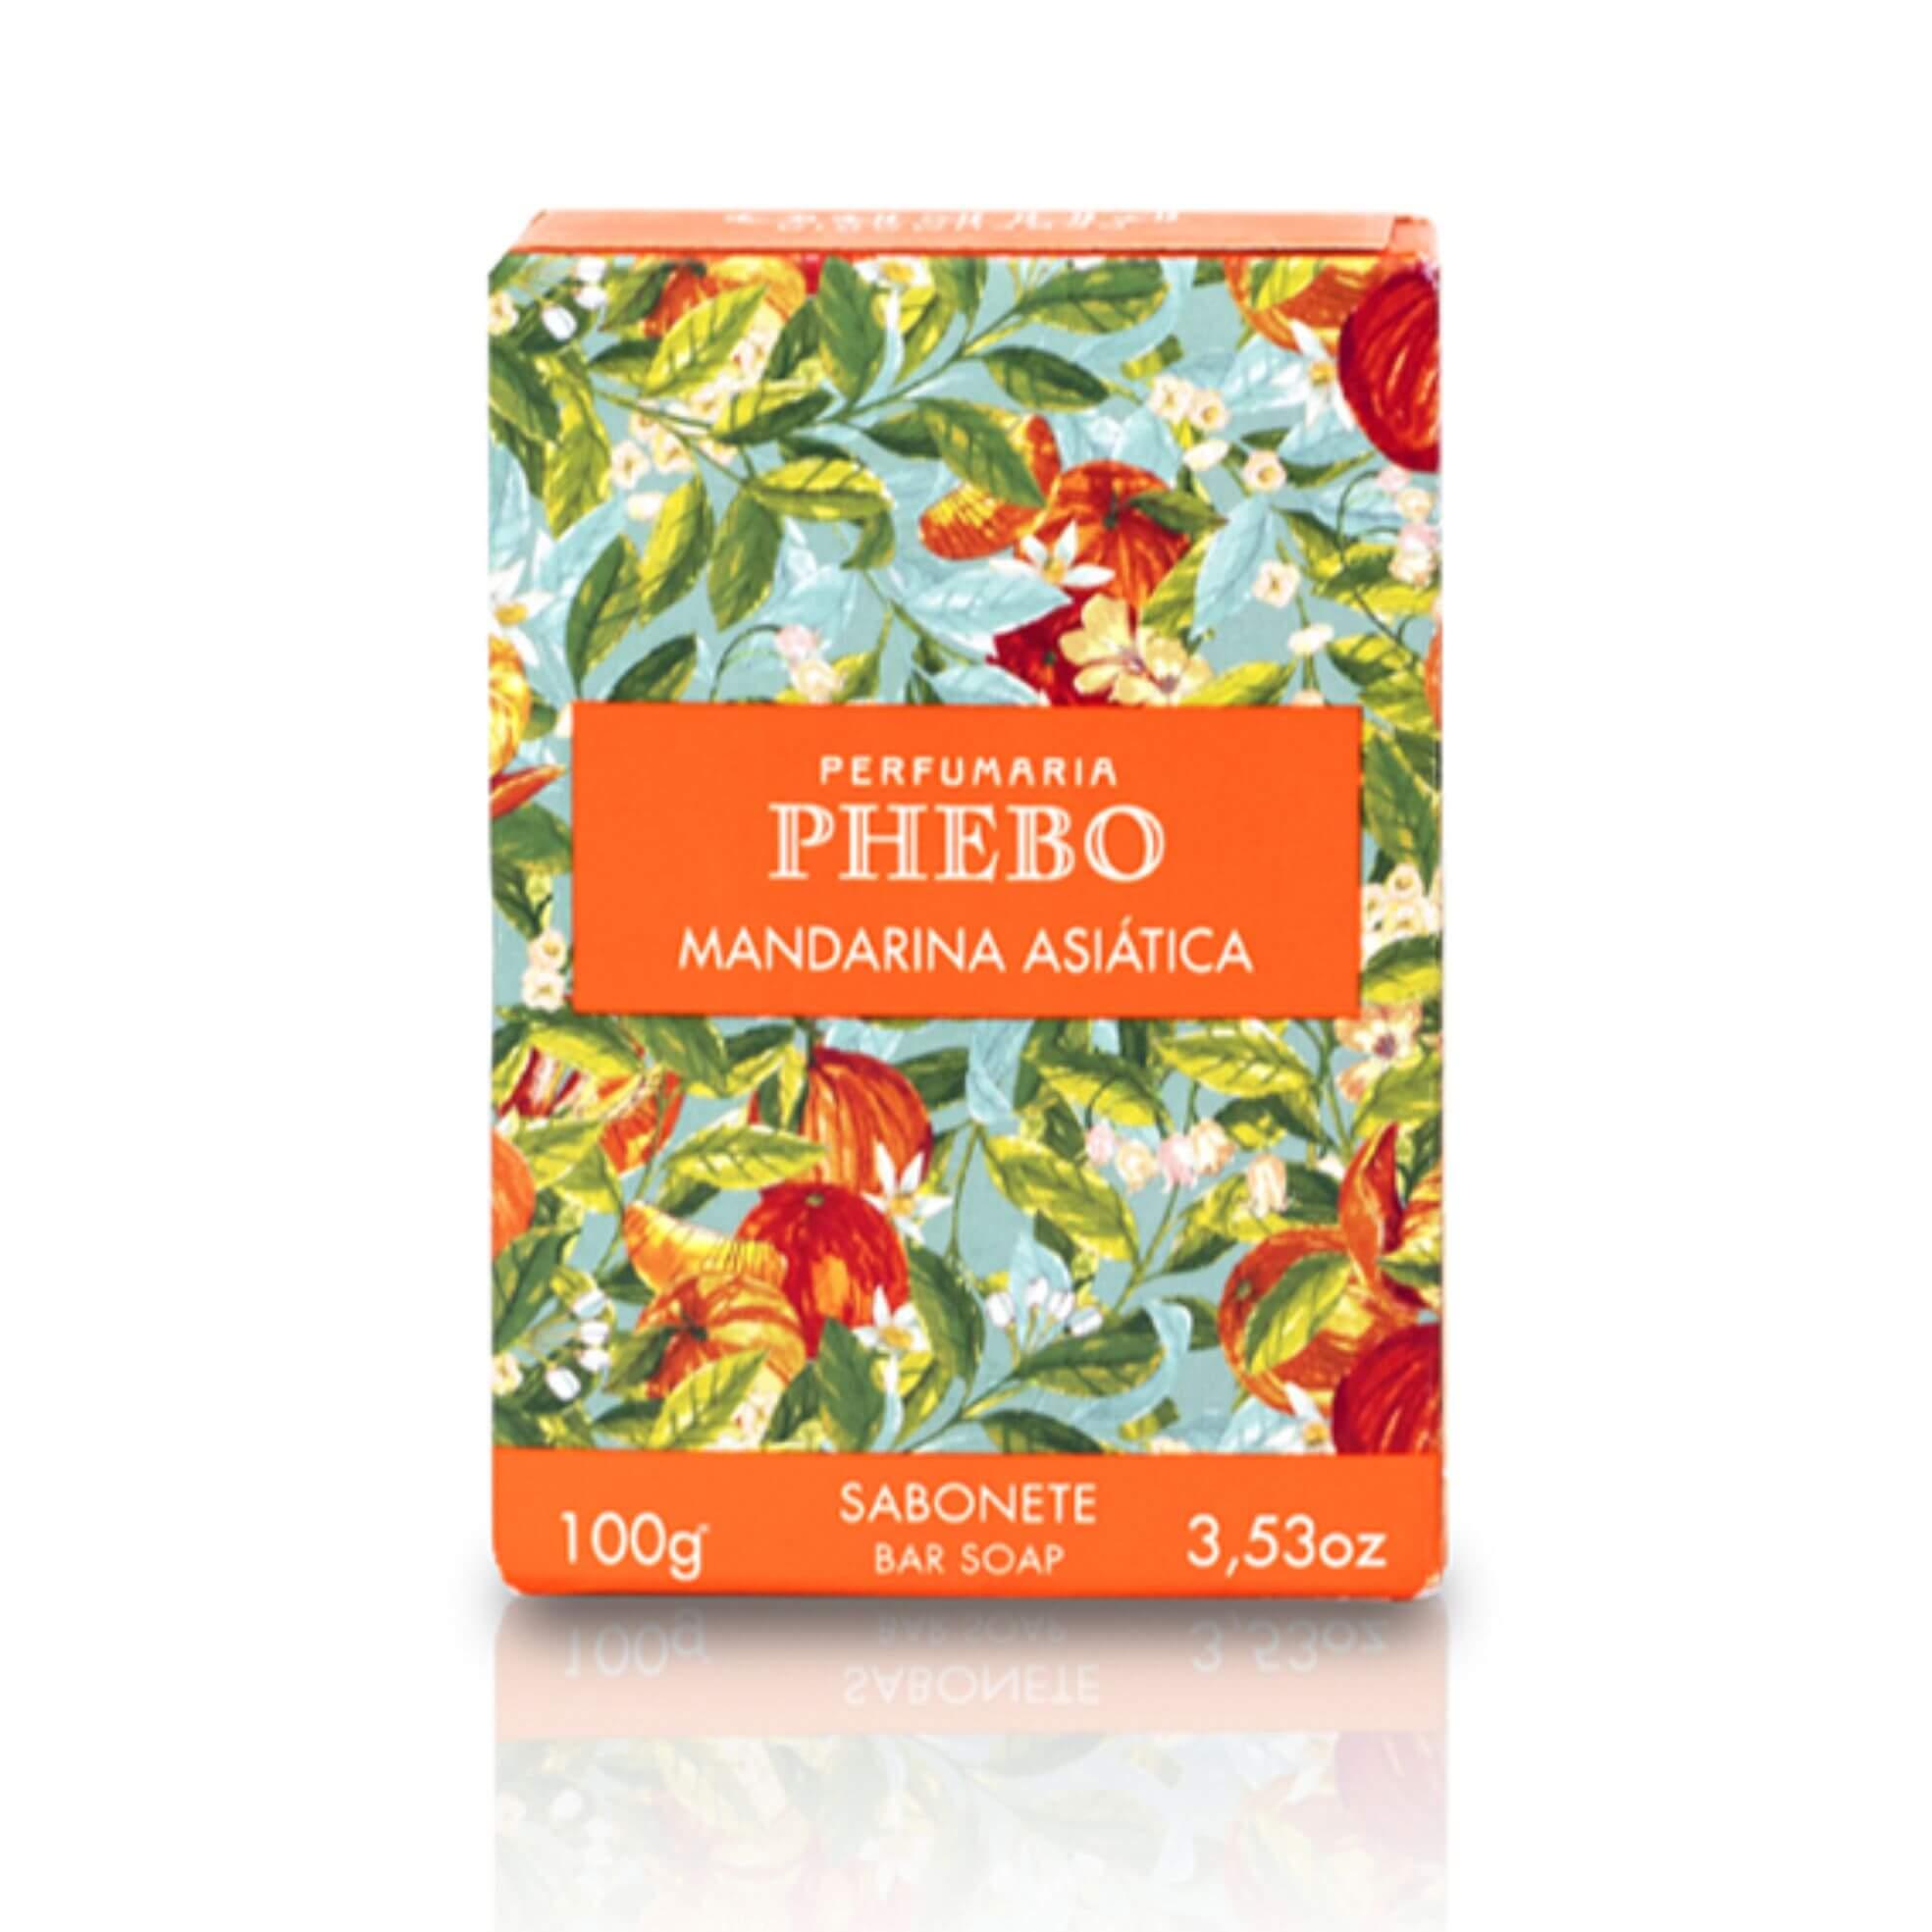 Sabonete Em Barra Mandarina Asiática - Phebo 100g